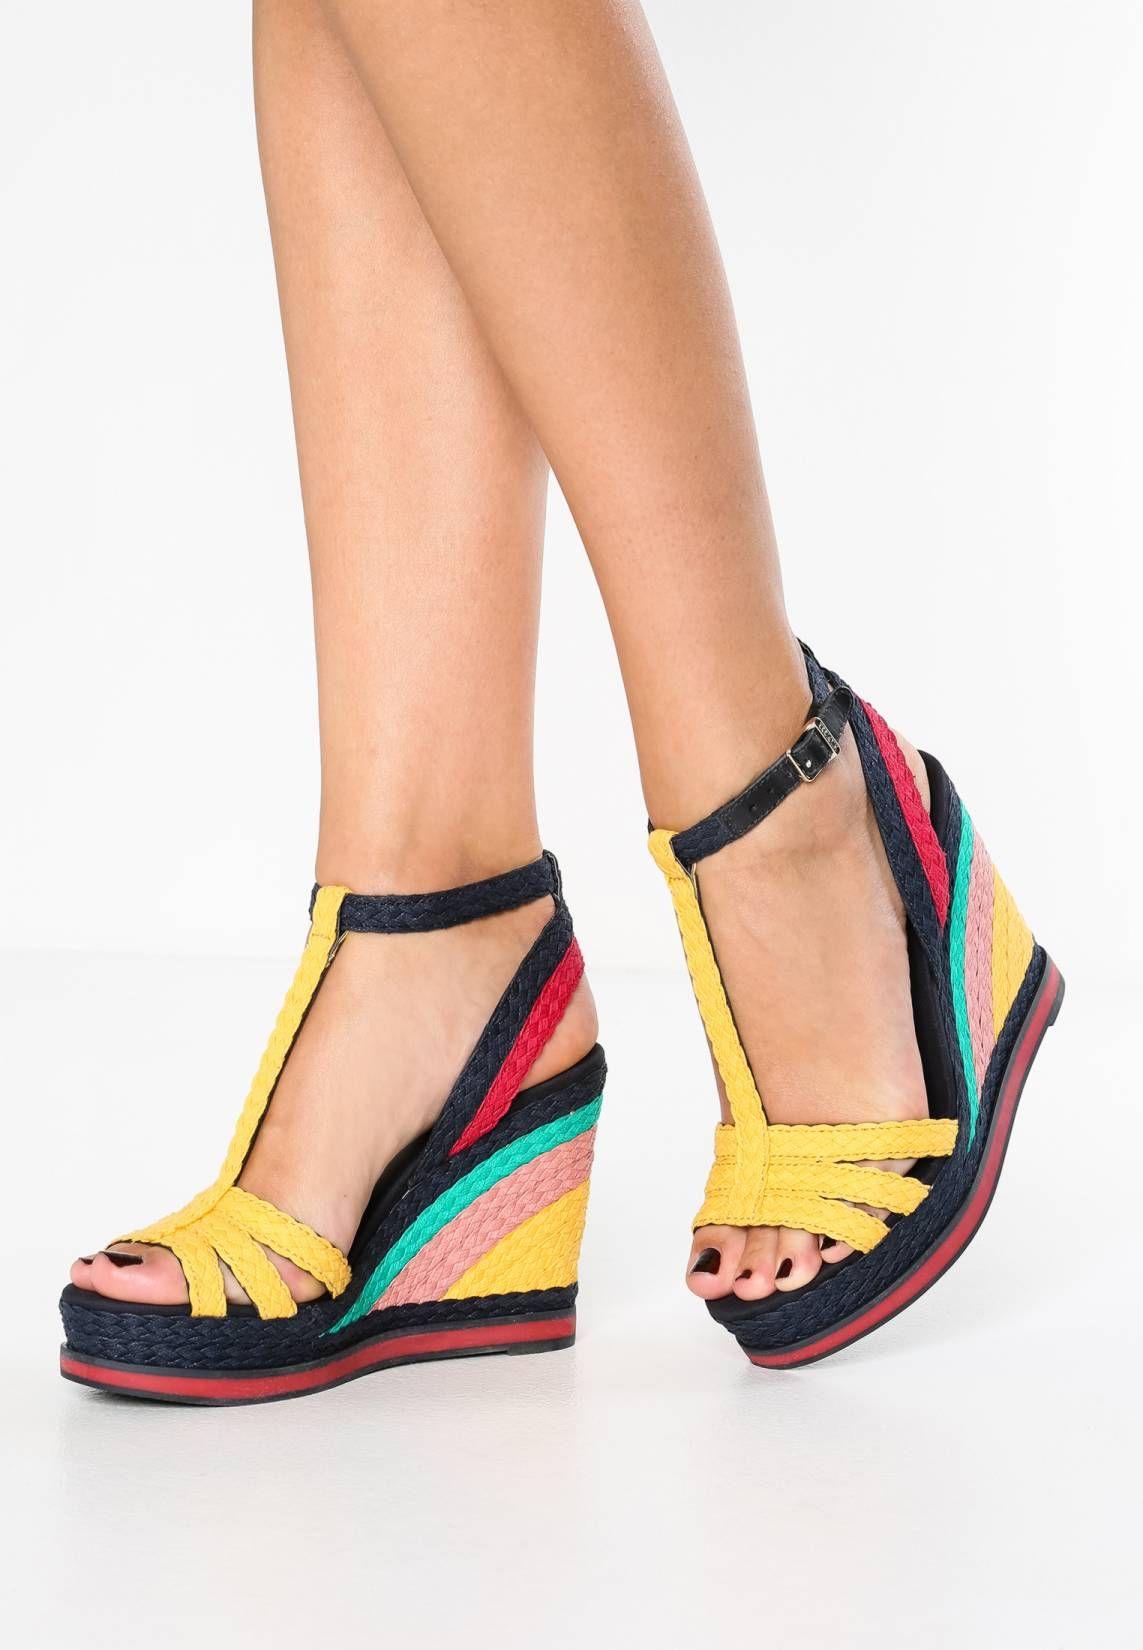 Zapatos Tacones en forma de cuña con Plataforma con Cordones Negro Cuero Sintético EU 38 MDWRq